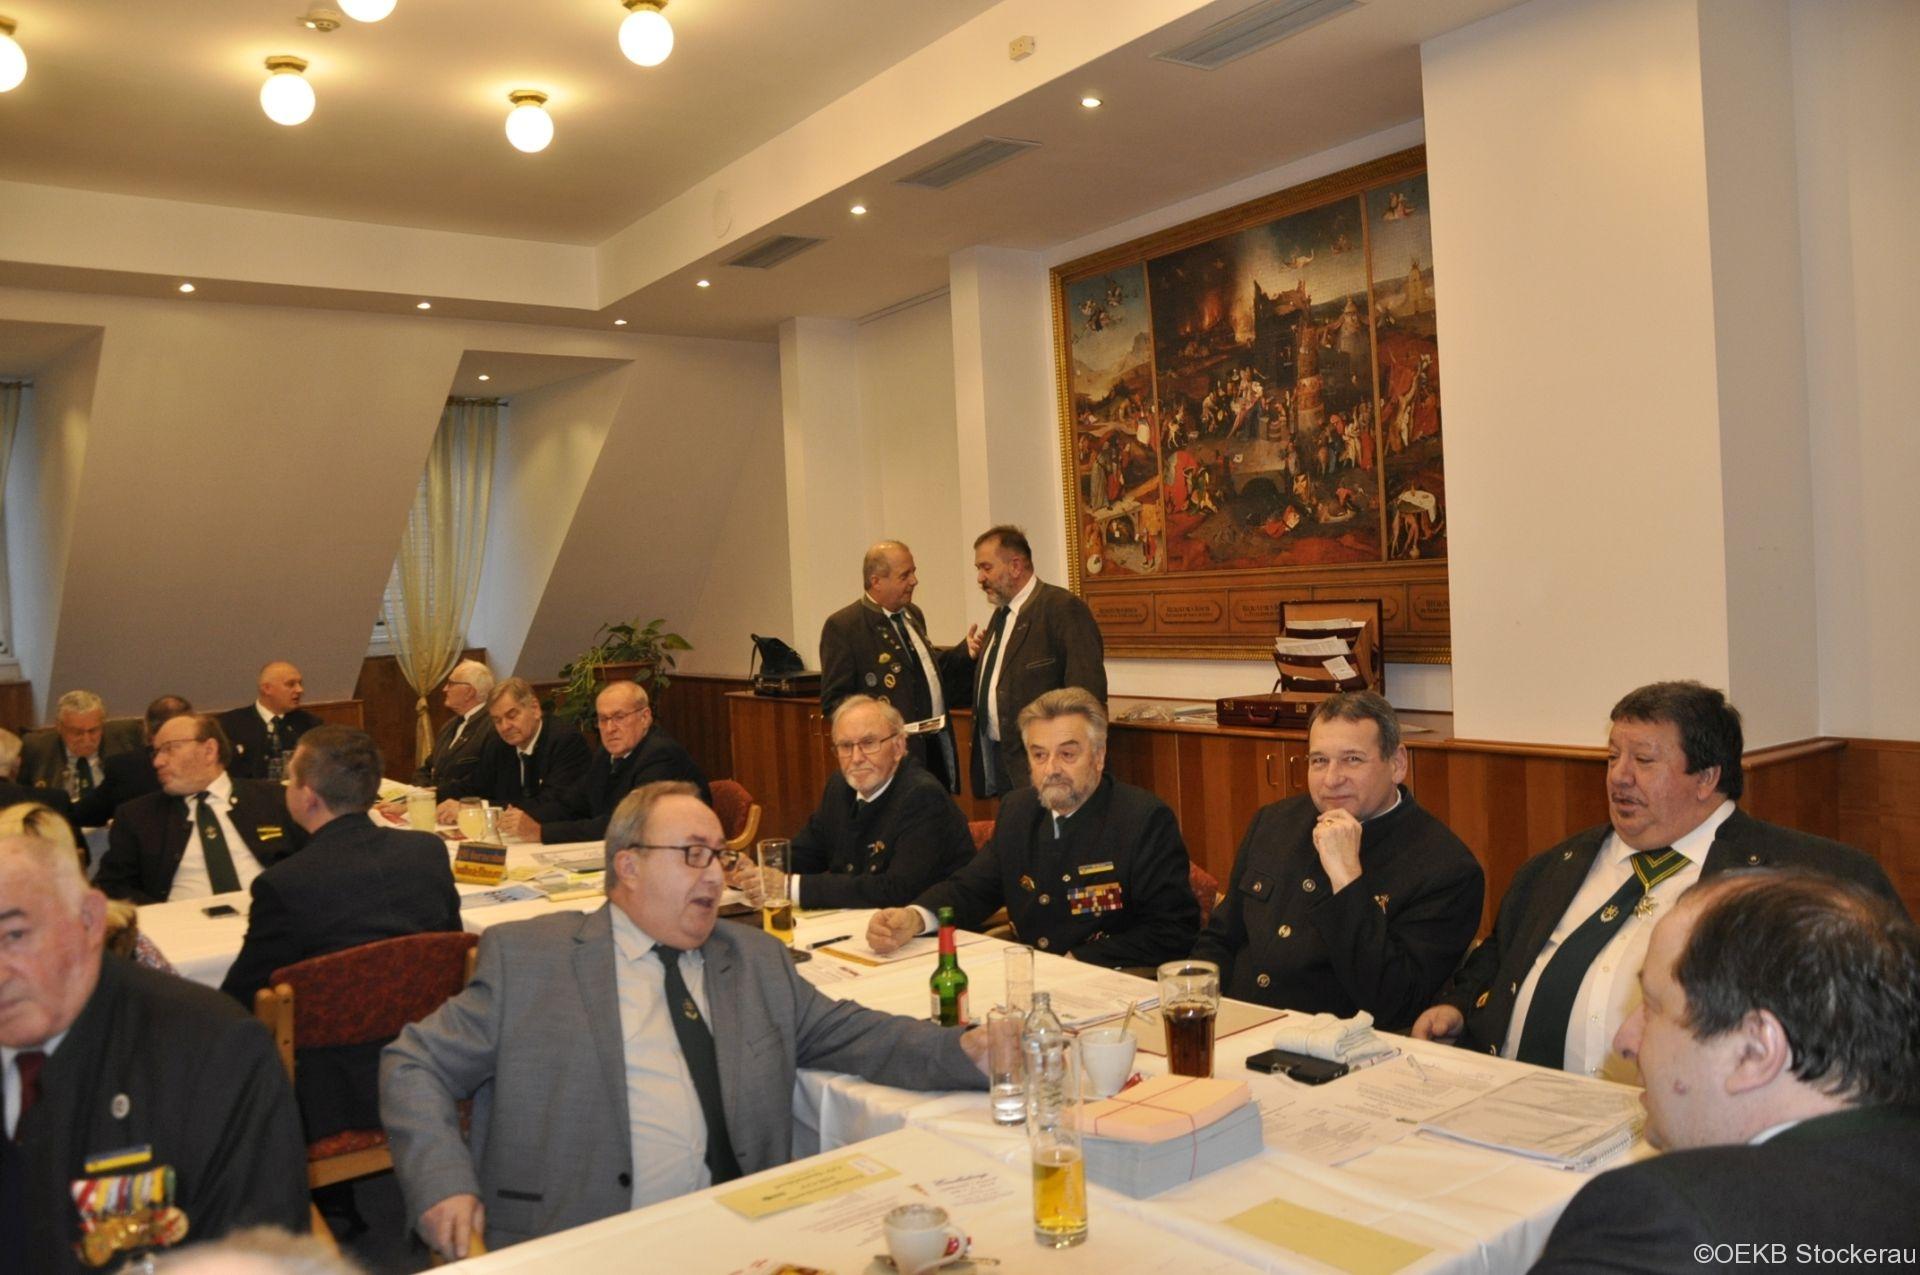 Treffen der GesundheitspartnerInnen - STOCKERAU